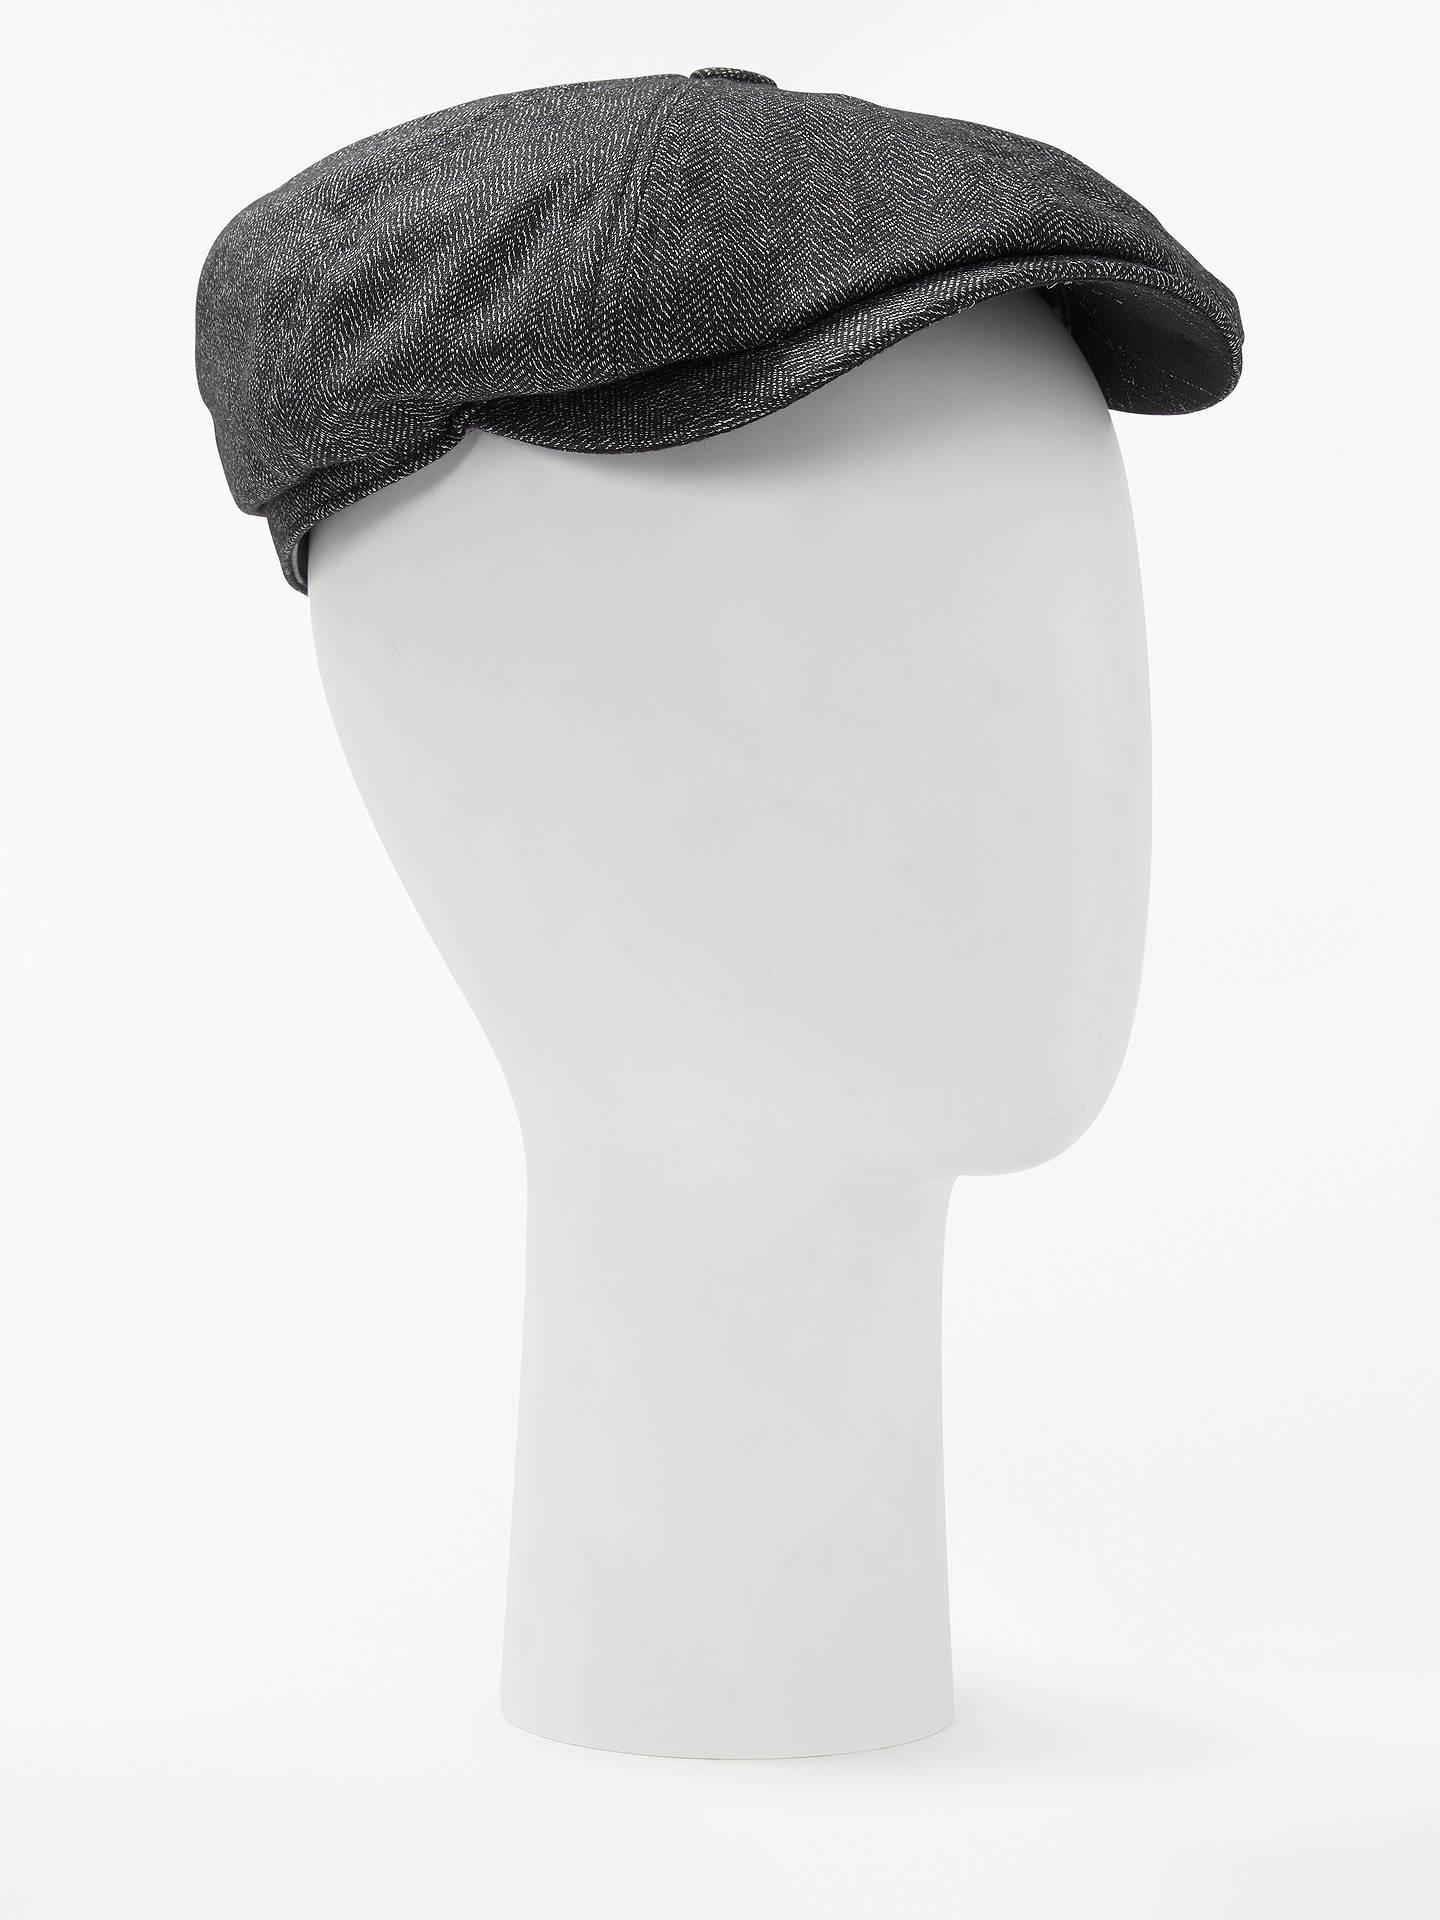 BuyTed Baker Herringbone Baker Boy Hat d3c3073740e